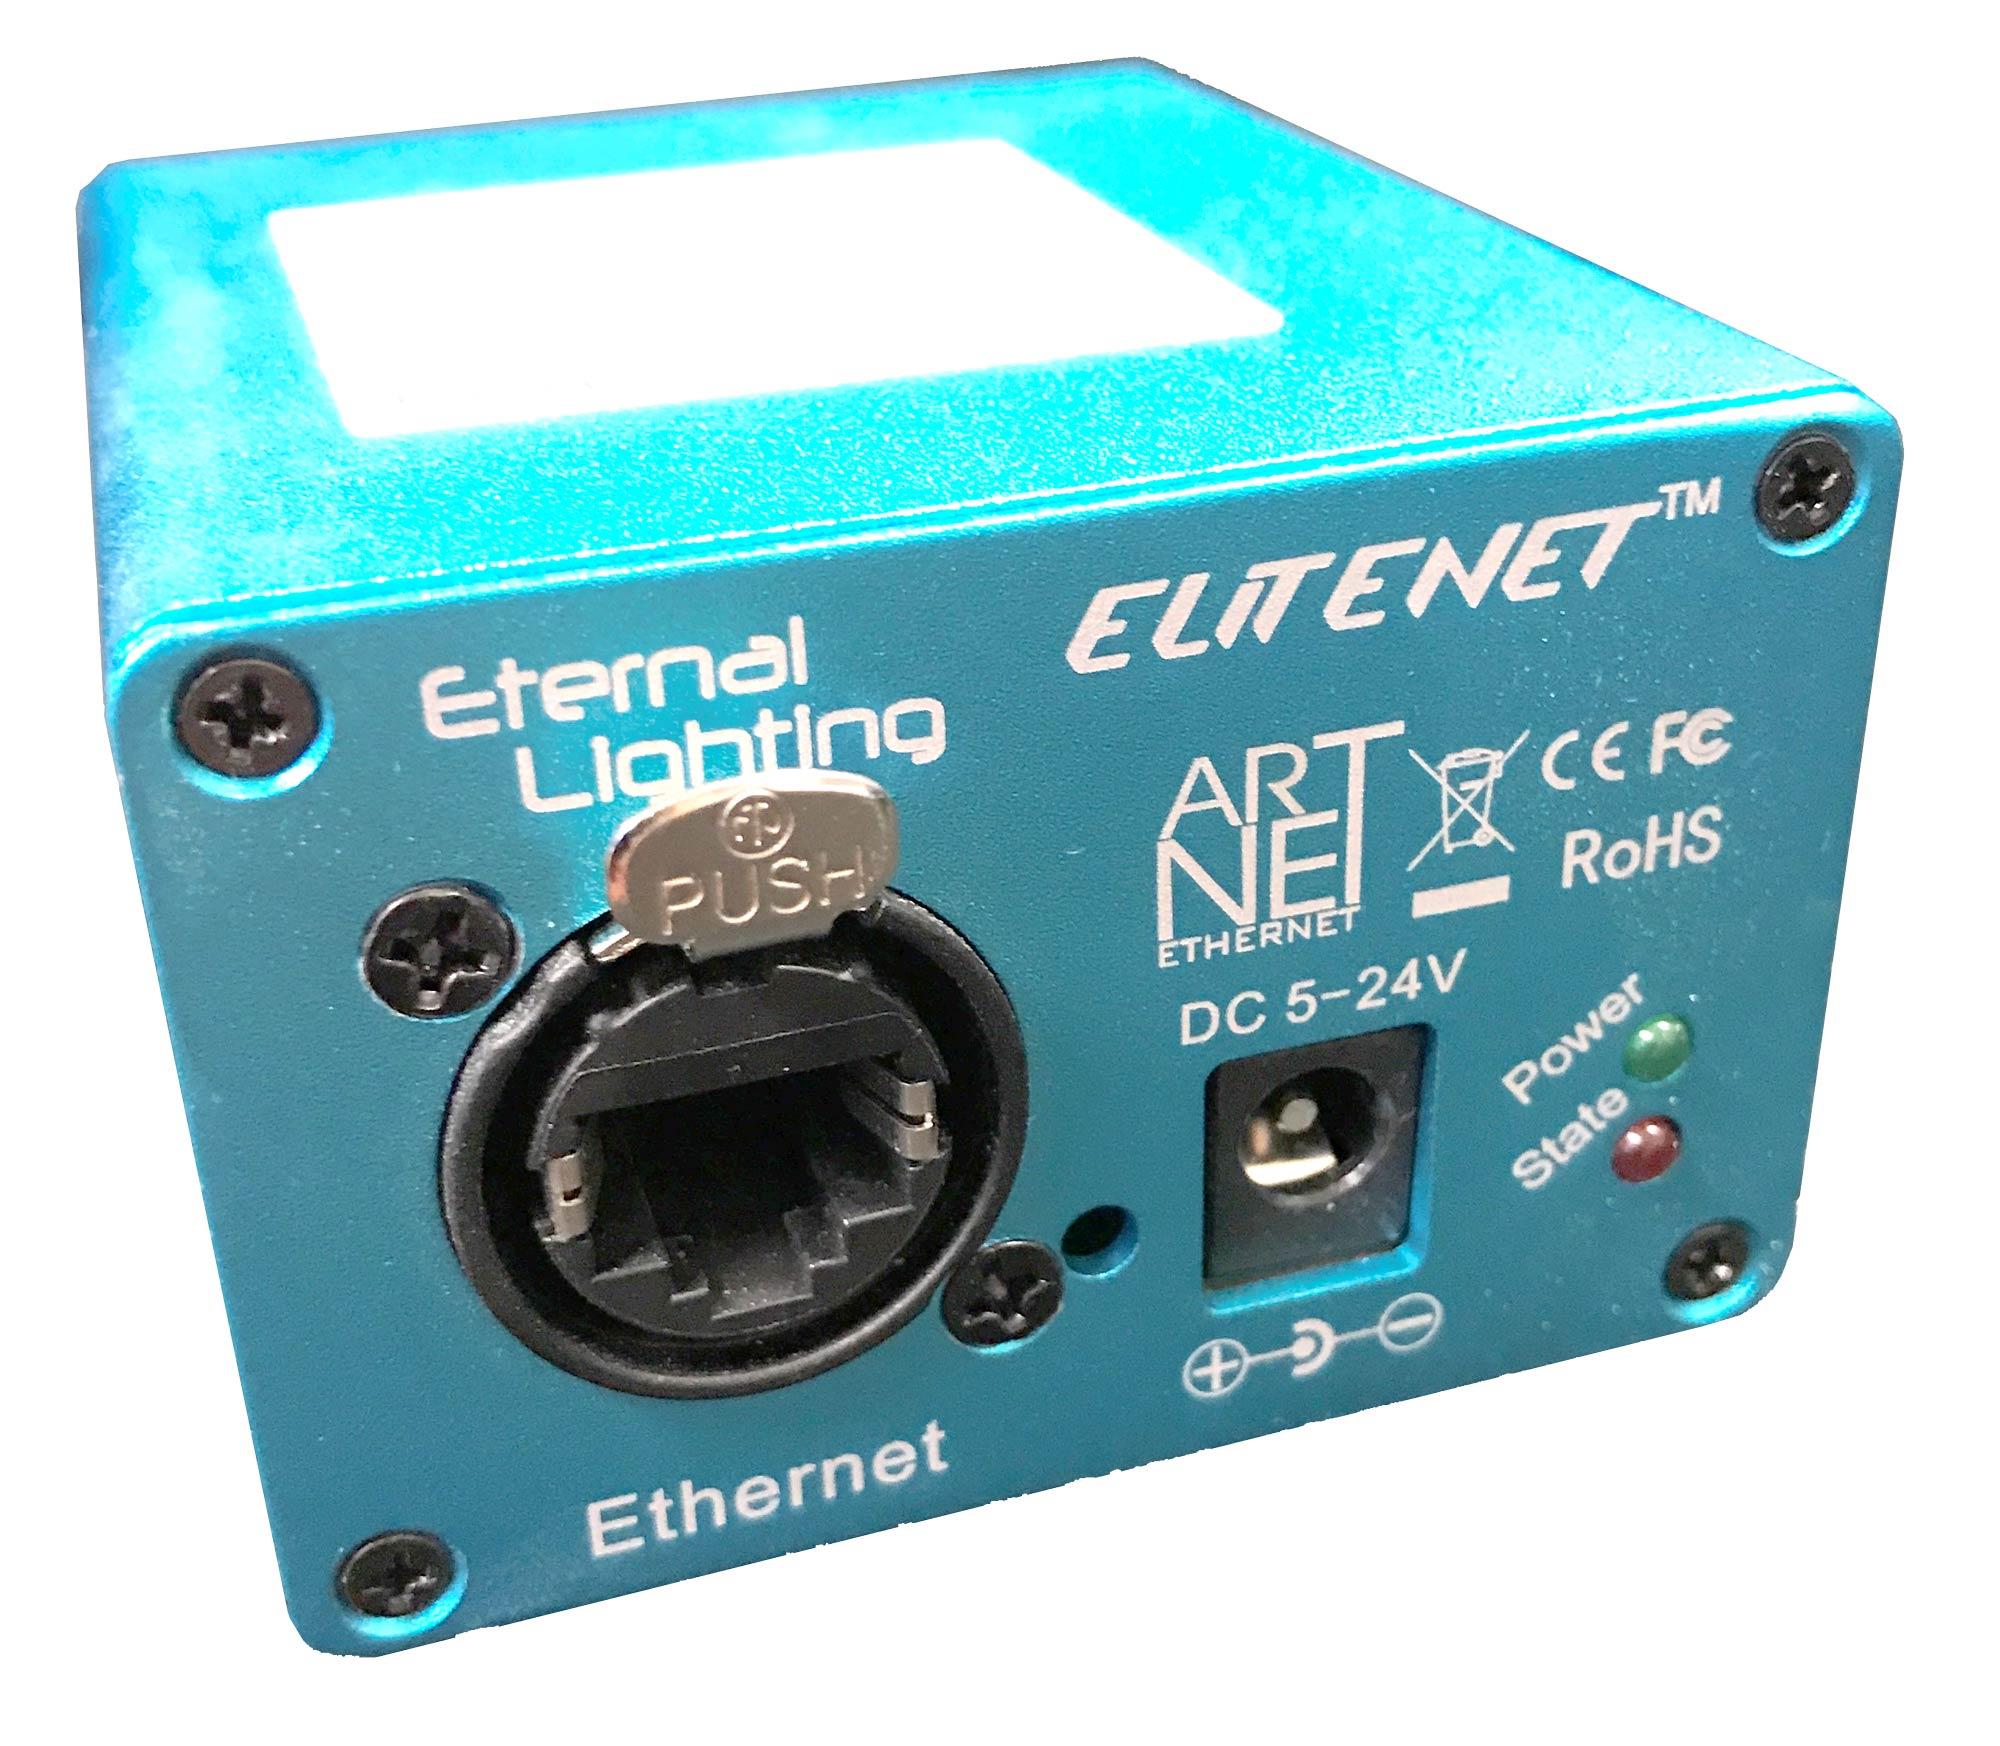 ETERNAL LIGHTING EliteNET ArtNet Ethernet to DMX Converter